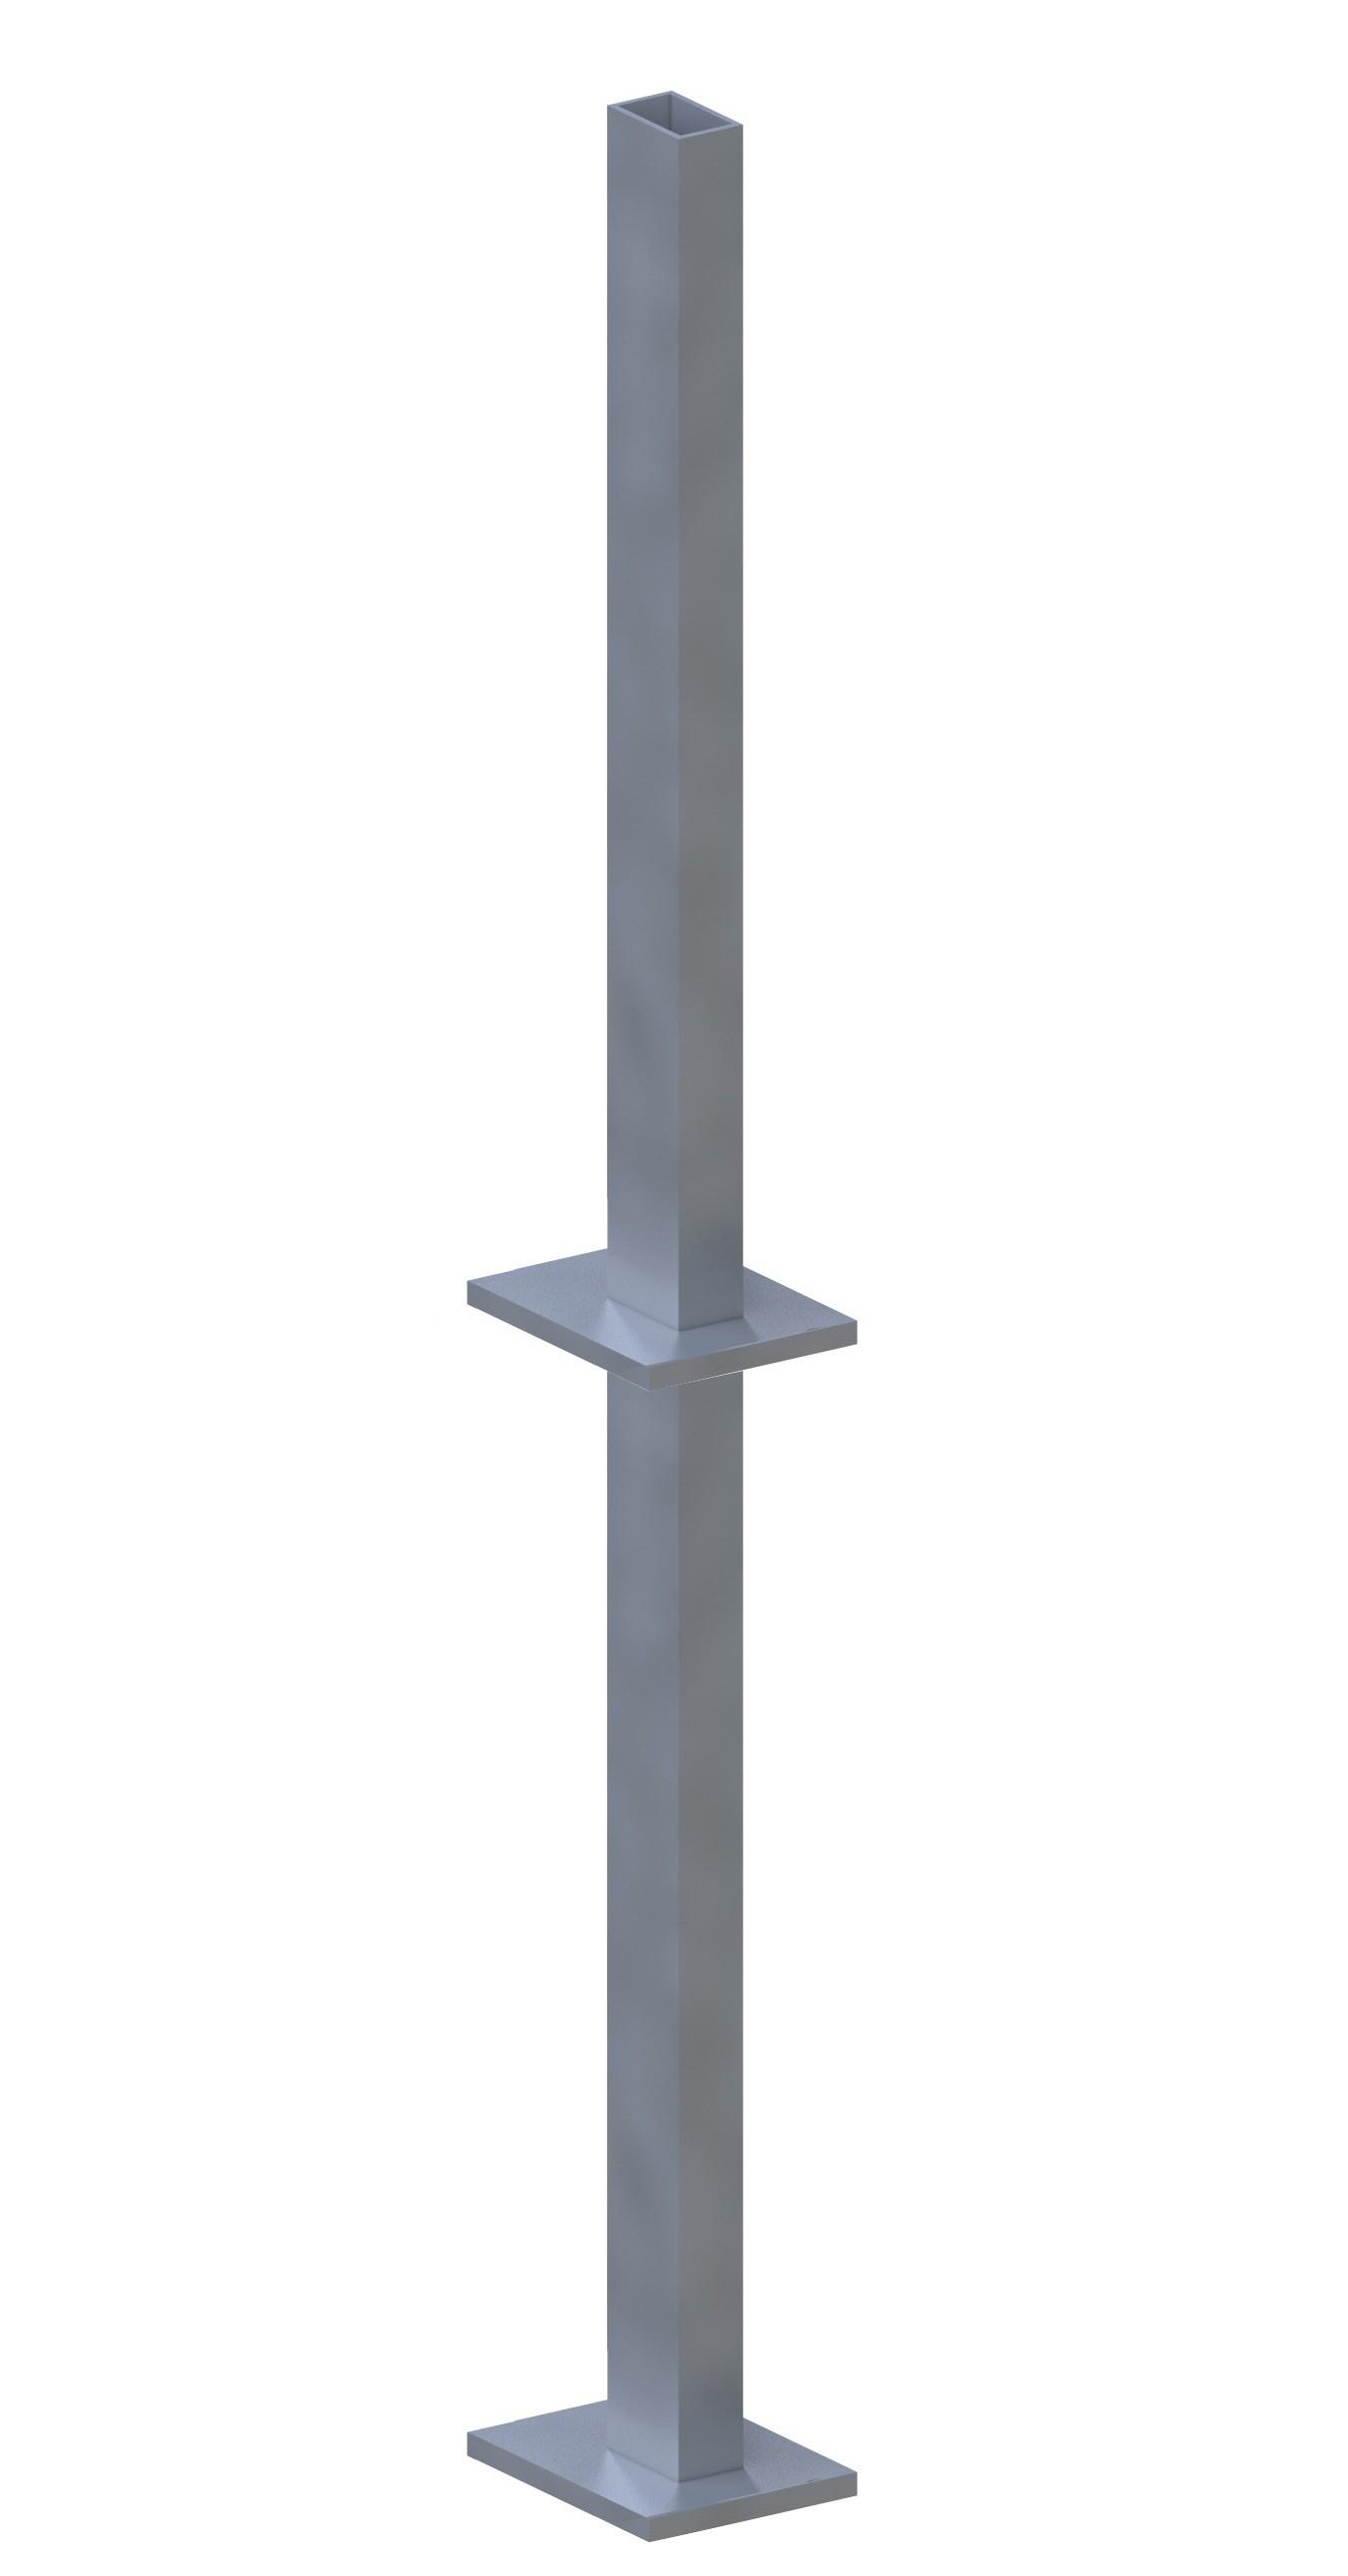 Sichtschutzzaun Träger SYSTEM für Klemmpfosten zum Erdverbau Bild 1